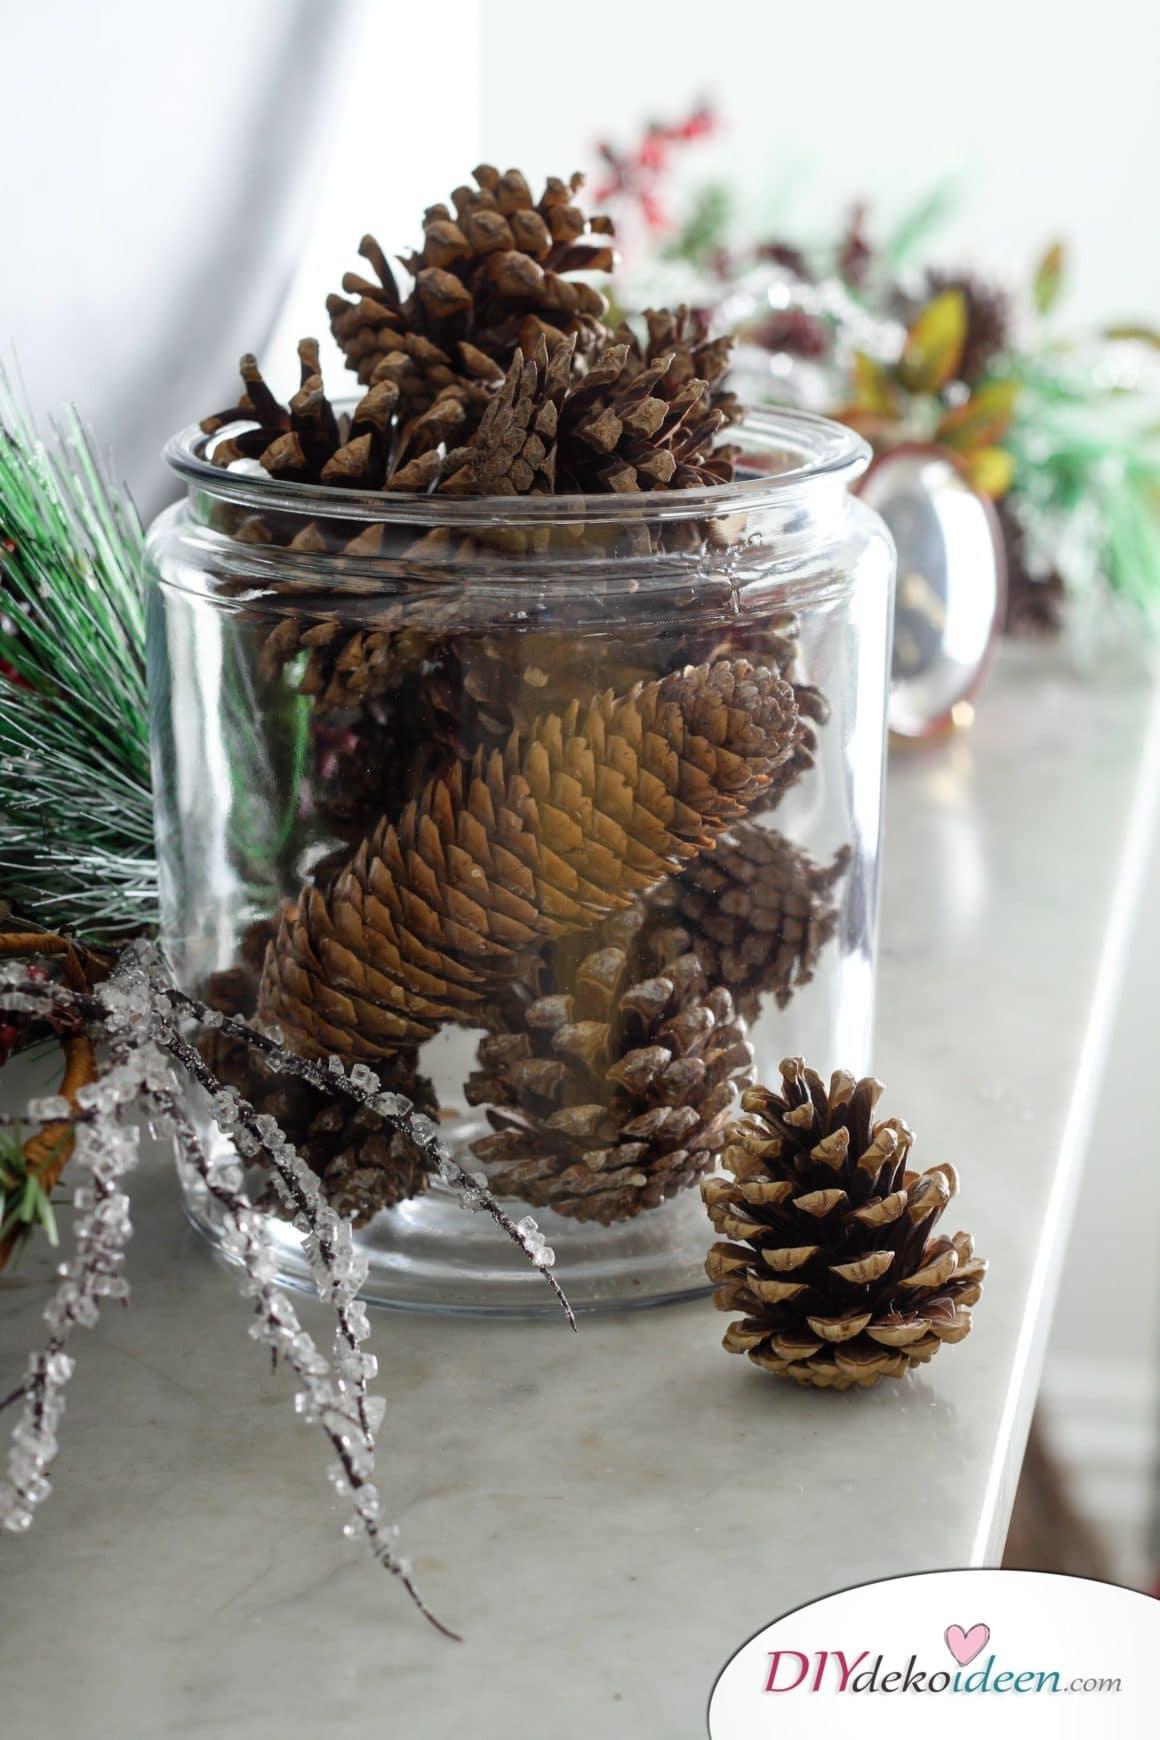 DIY Weihnachtsdeko Bastelideen mit Tannenzapfen-Weihnachtsduft selber machen